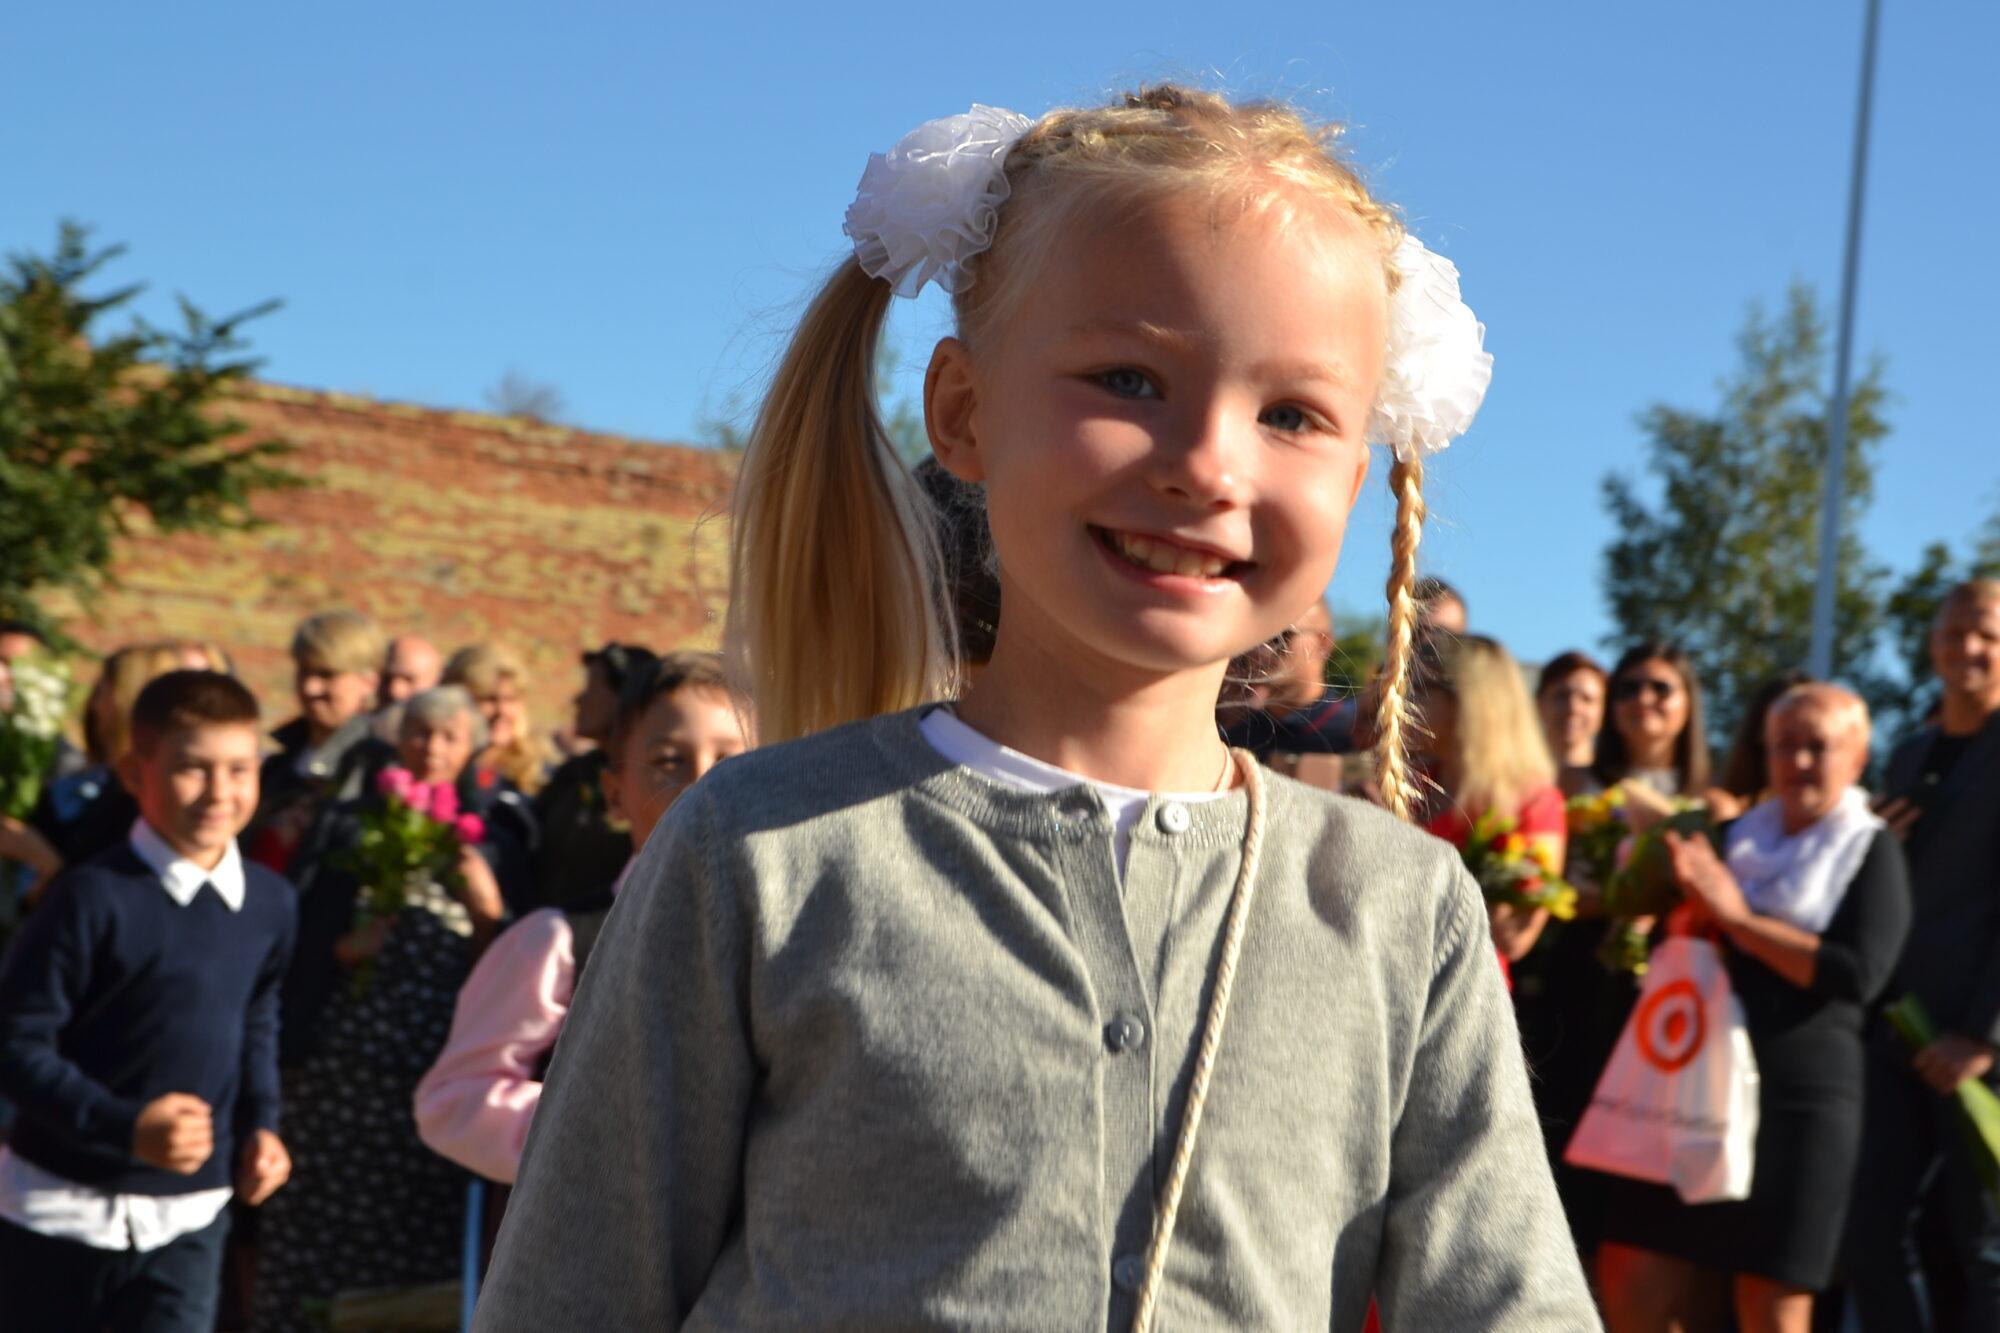 Skolu pagalmus pārpilda lieli un mazi skolēni